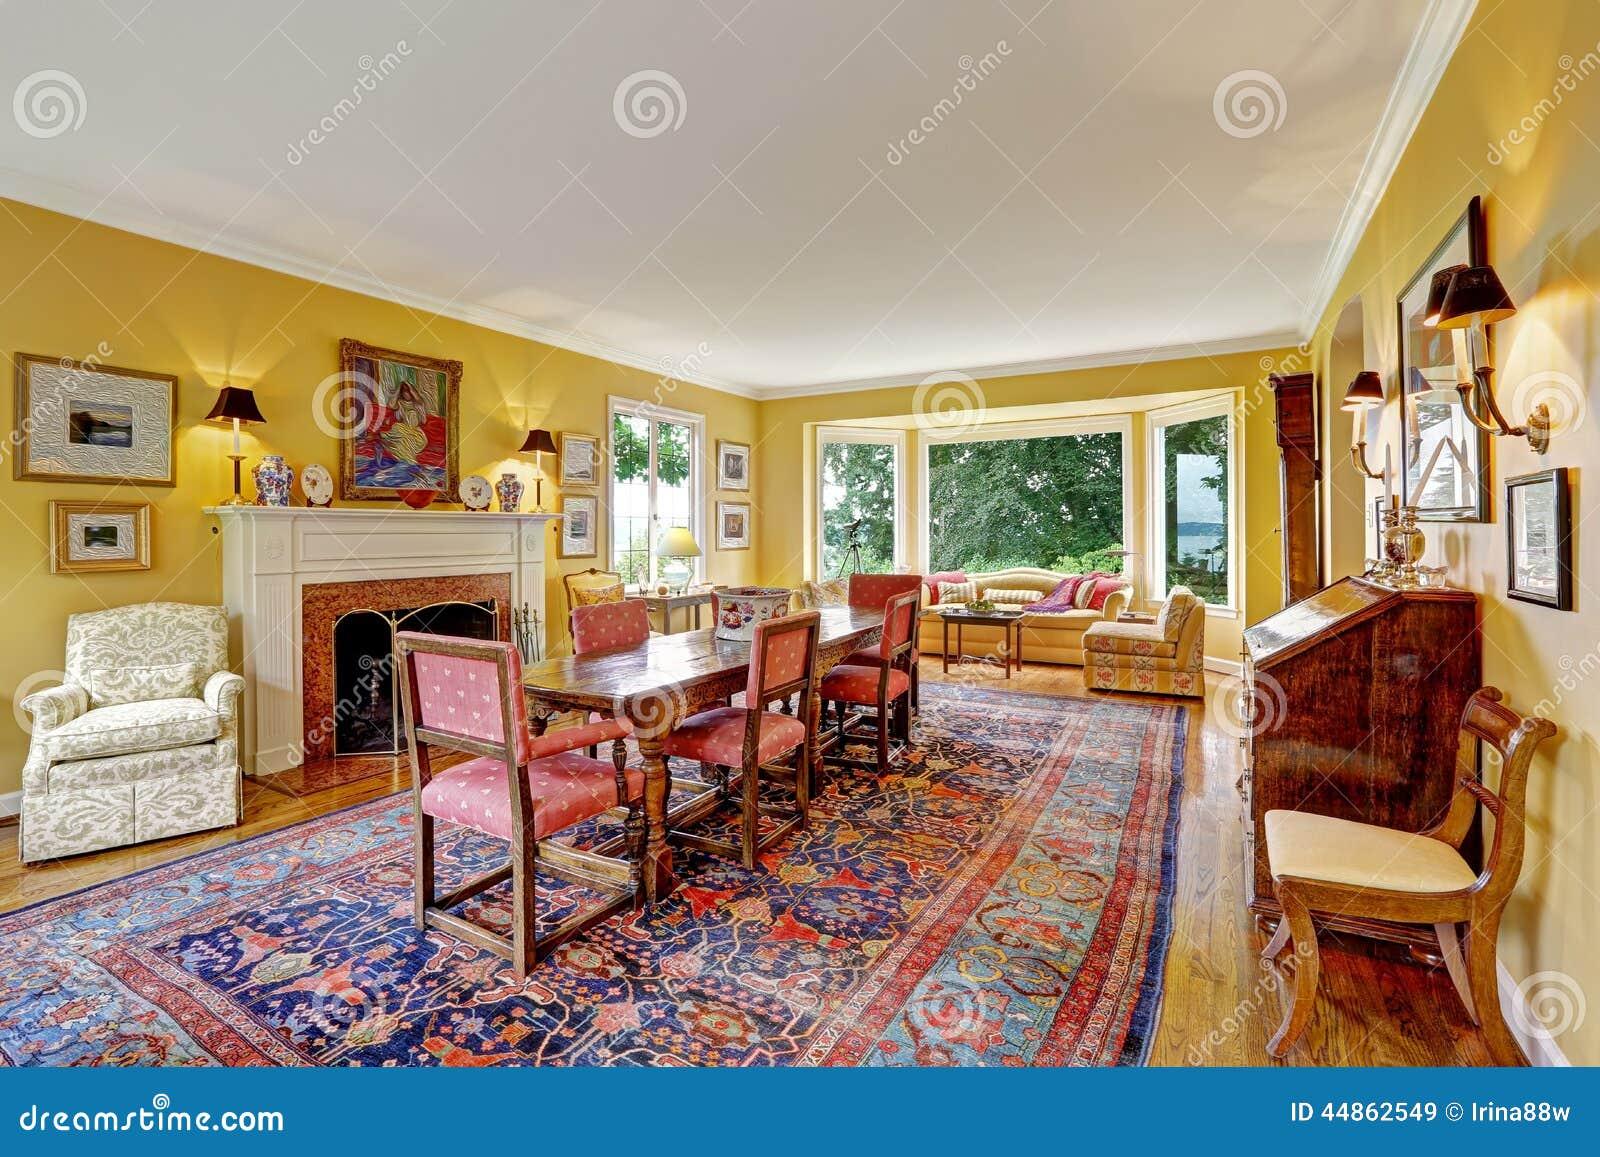 Woonkamer met antieke meubilair en eettafel stock foto afbeelding 44862549 - Woonkamer en eetkamer ...